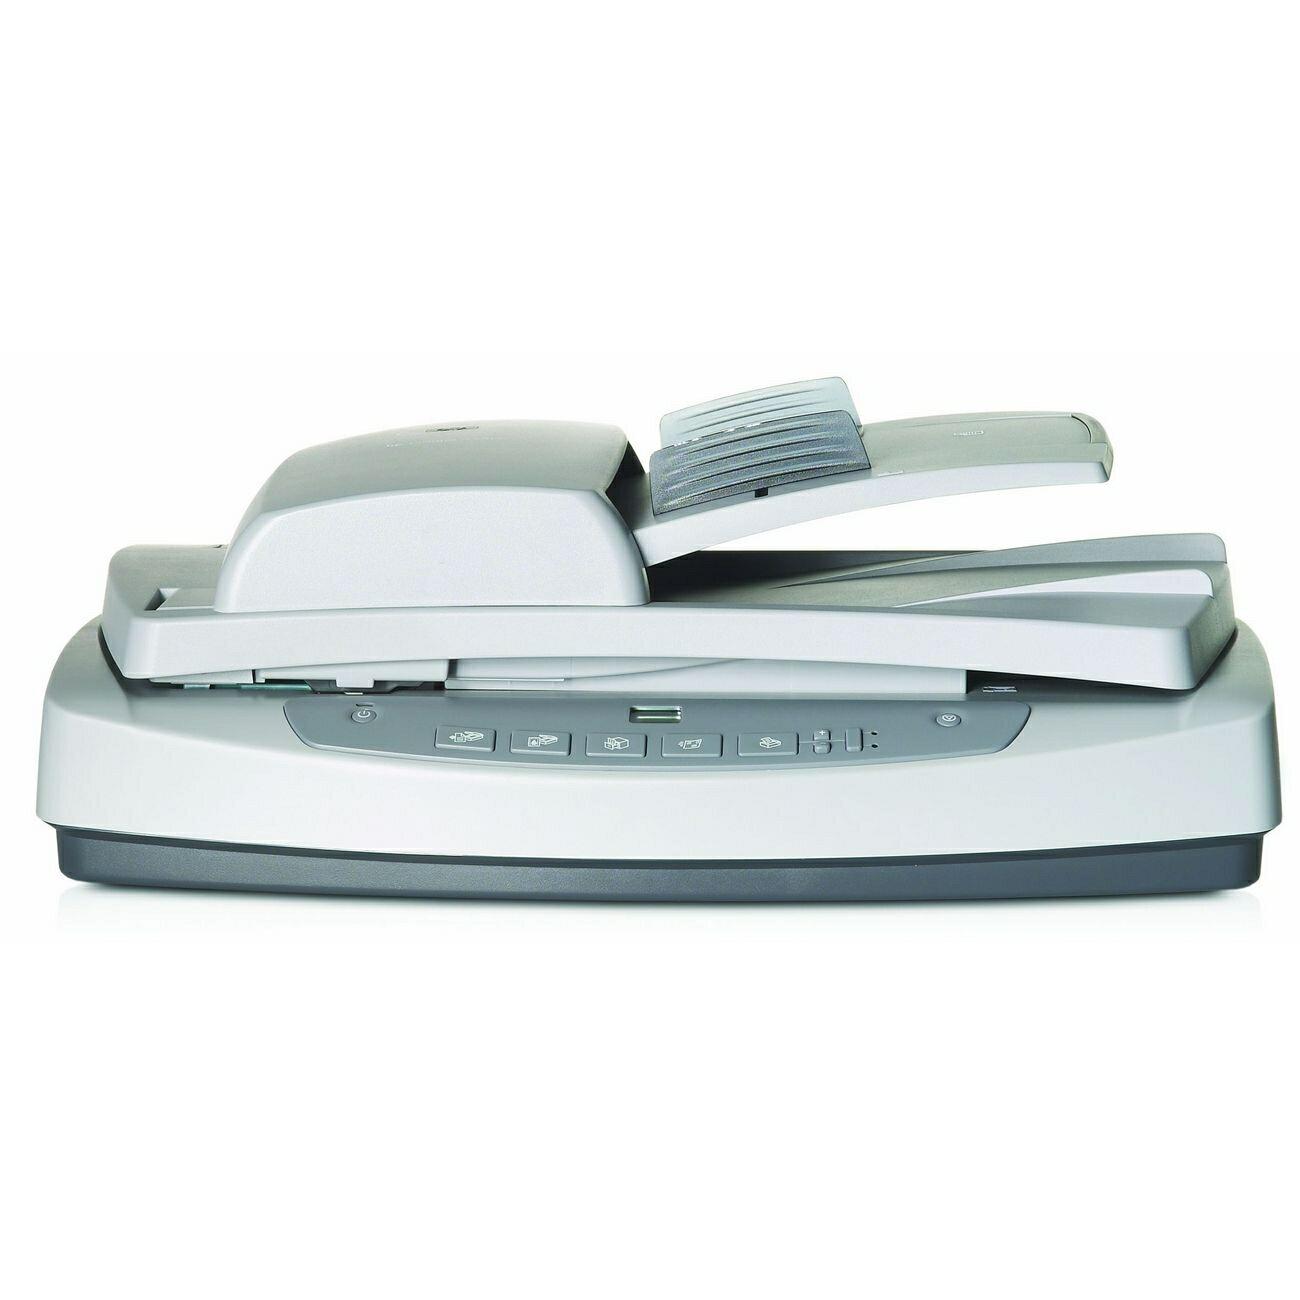 HP Scanjet 5590 Sheetfed Scanner - USB 0